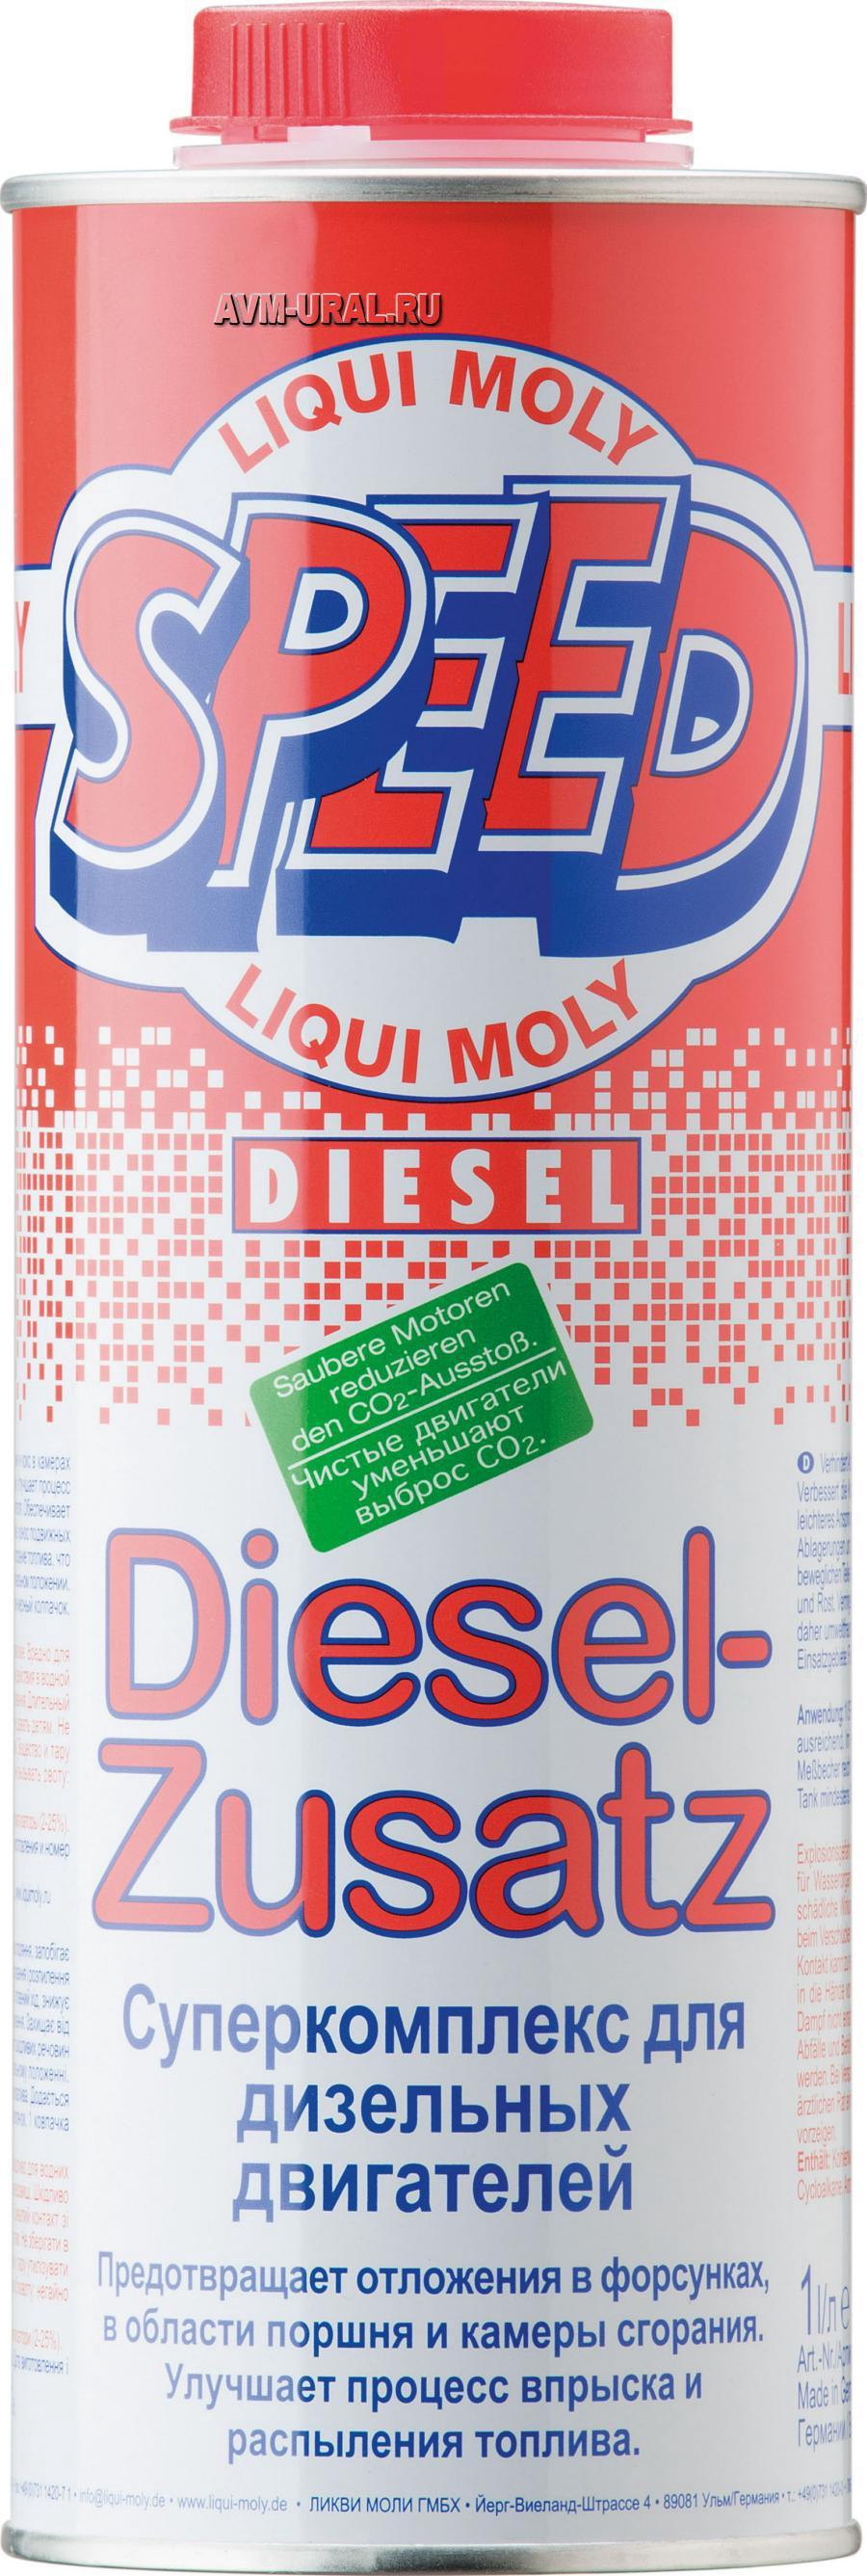 Суперкомплекс для дизельных двигателей LIQUI MOLY Speed Diesel Zusatz